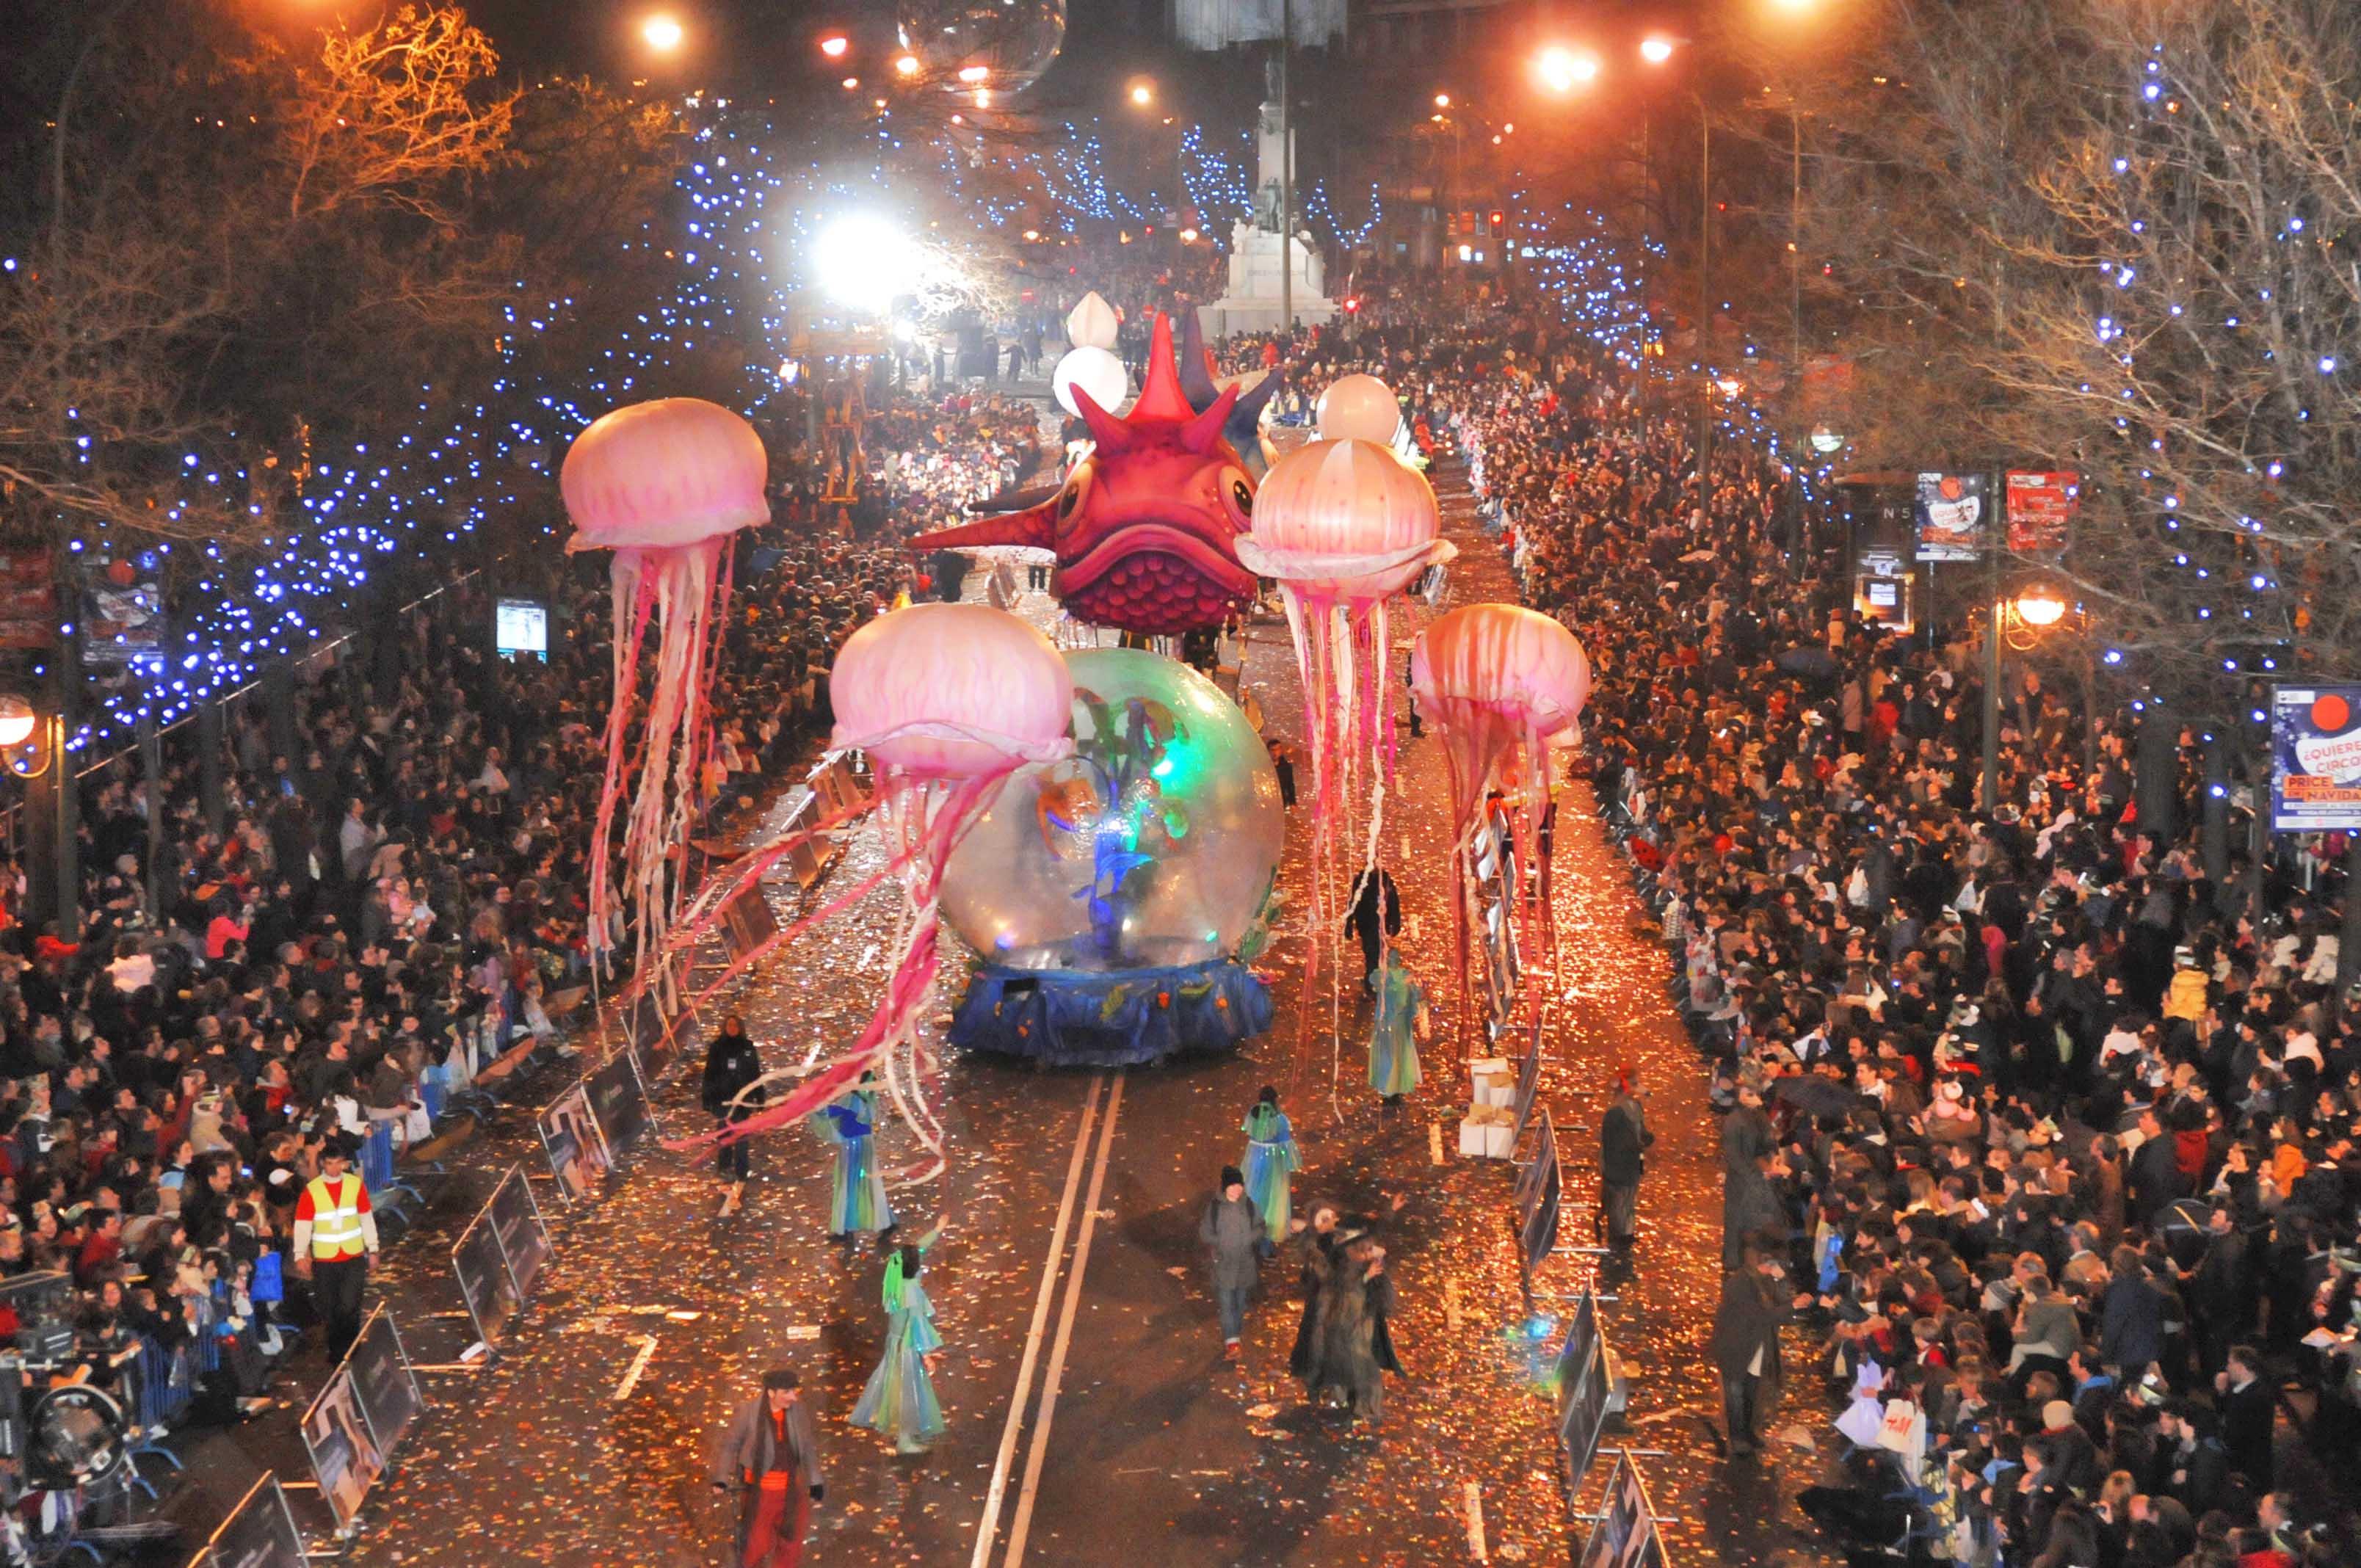 El 5 de Enero la ciudad se colapsa con la llegada de los Reyes Magos de Oriente a Madrid